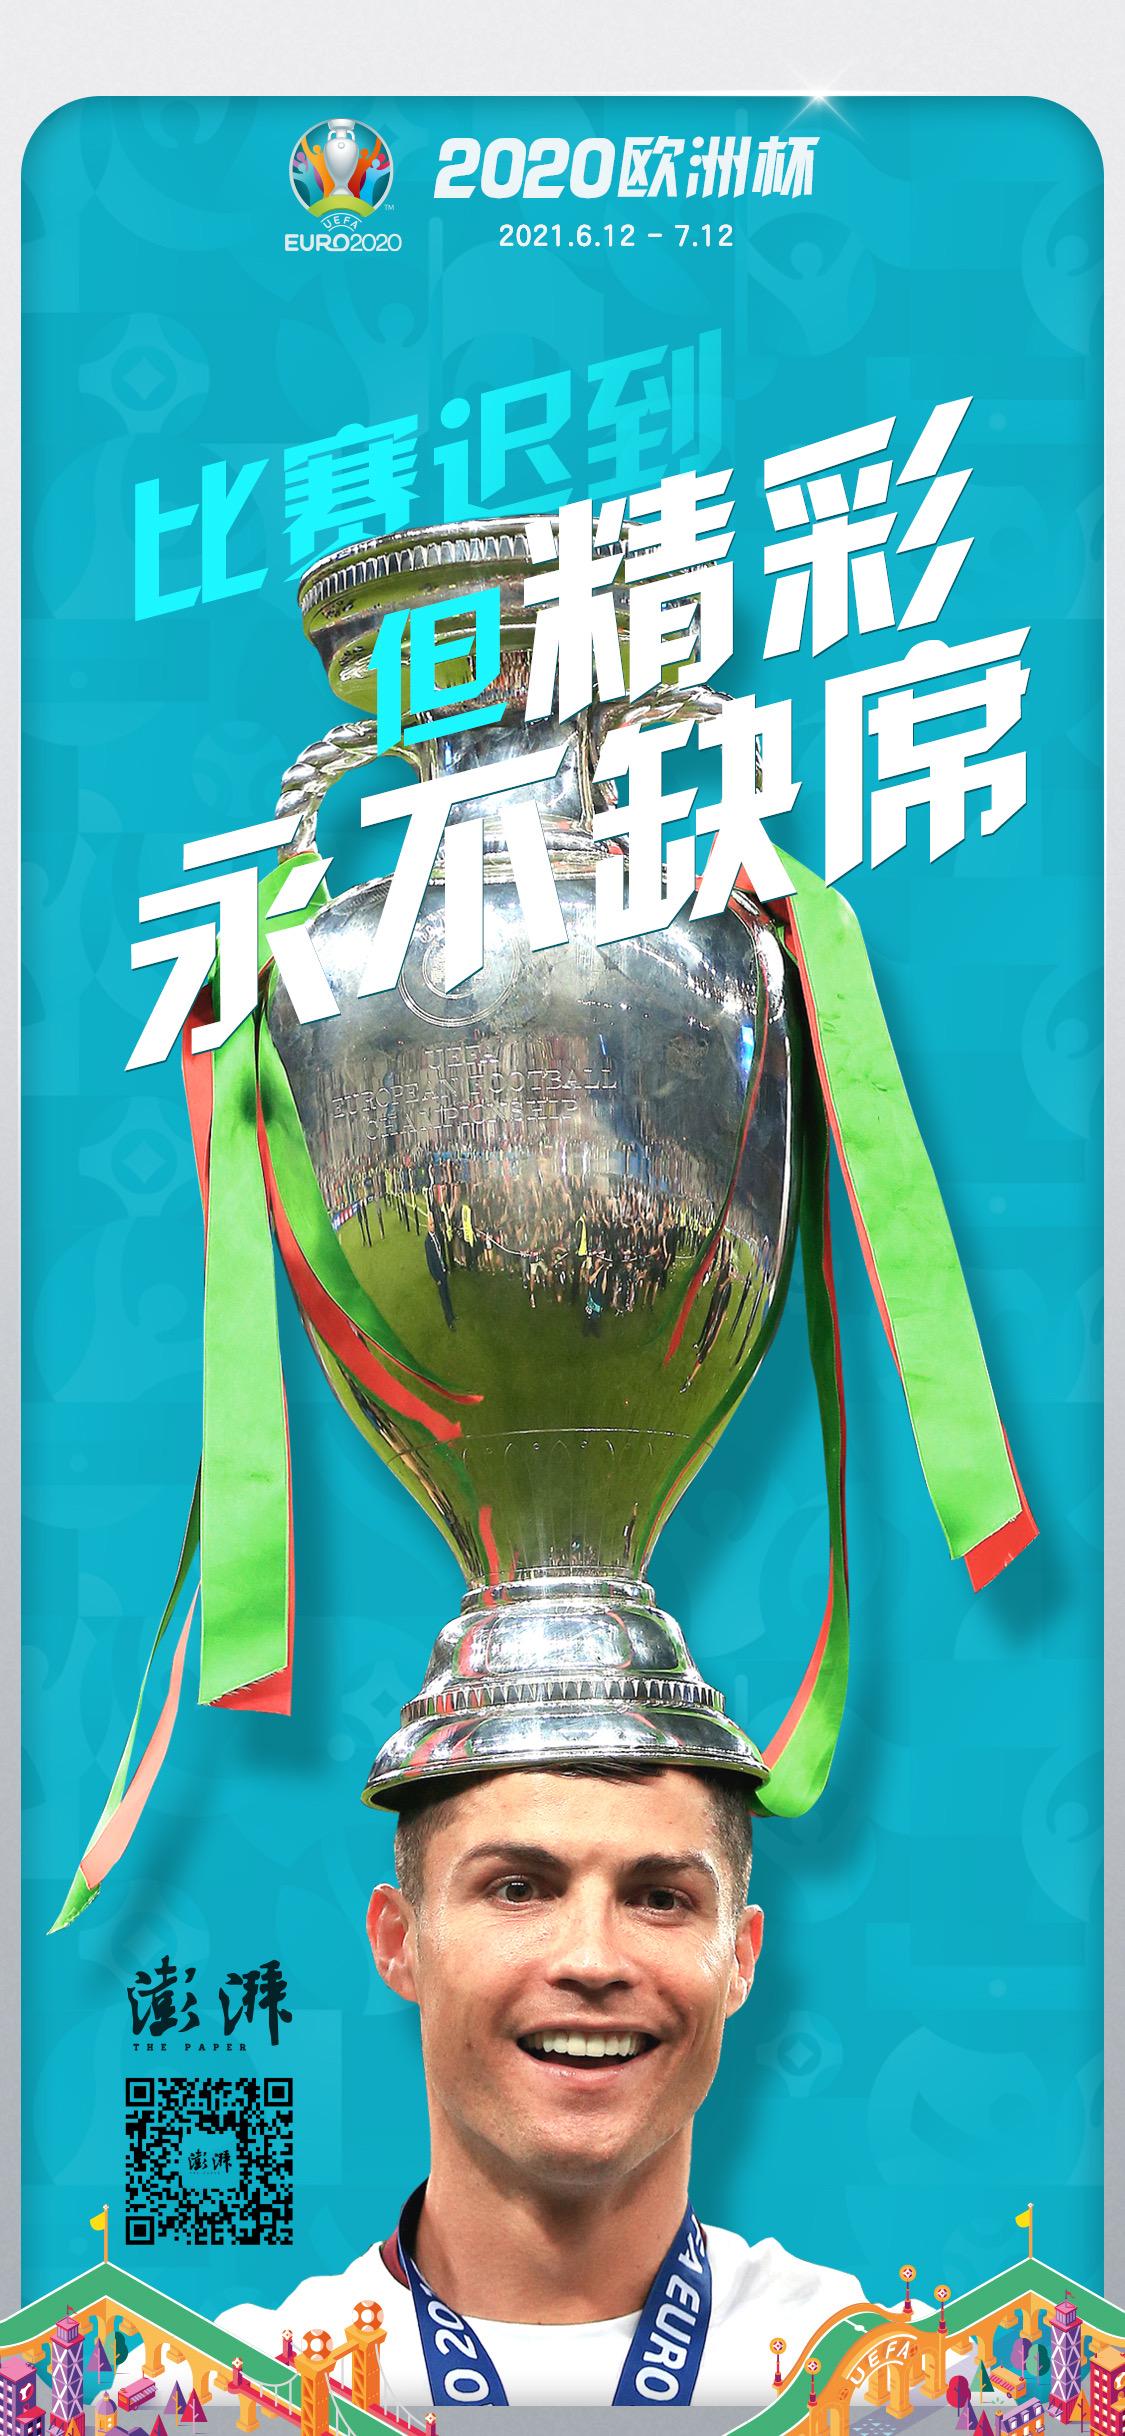 澎湃新闻欧洲杯海报。制图:白浪